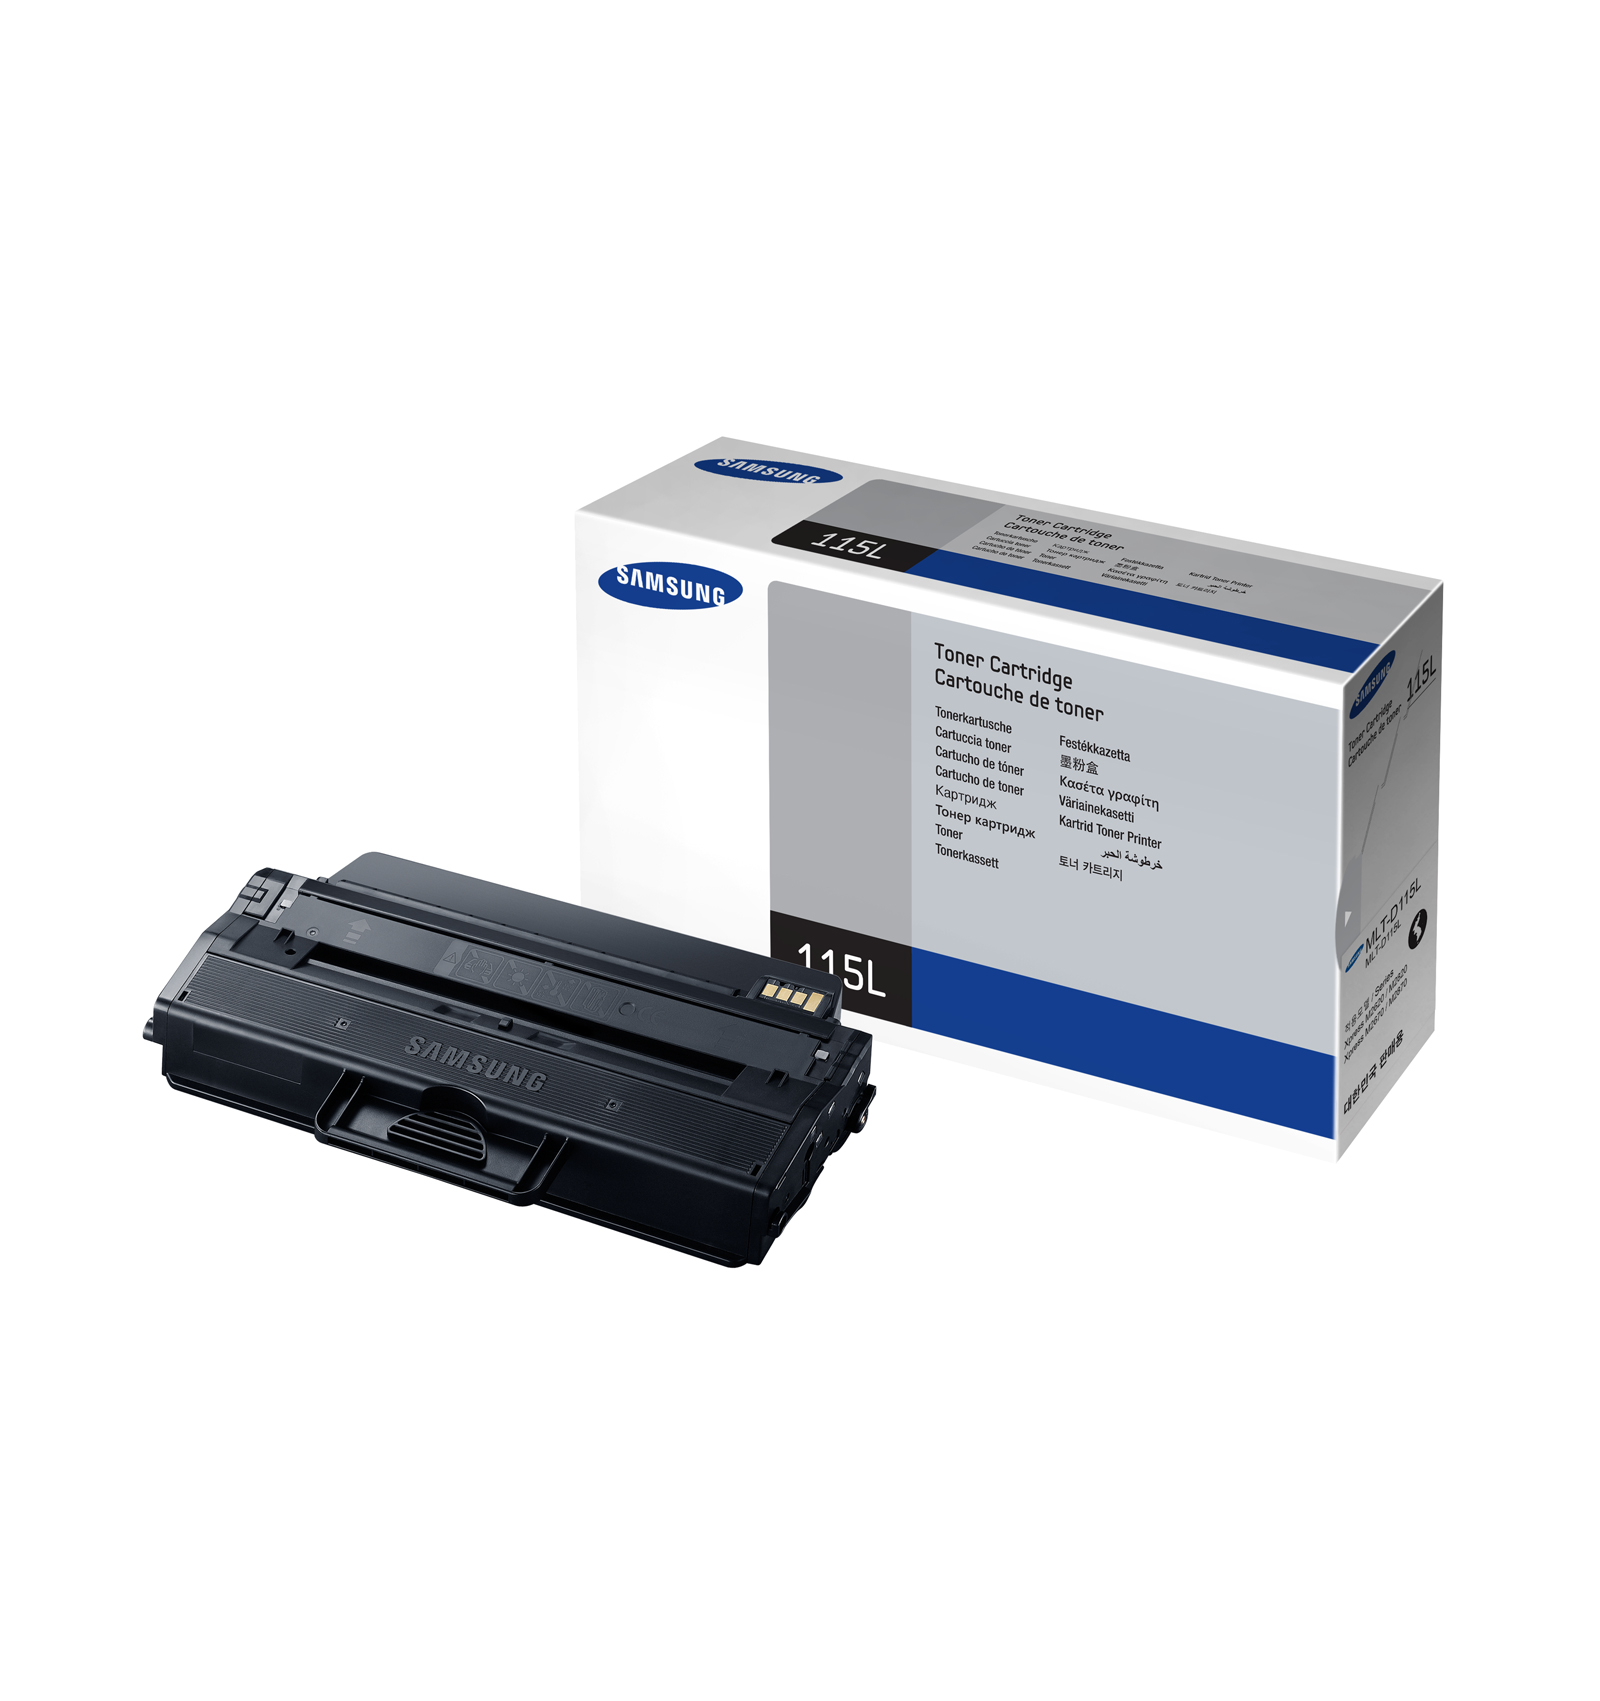 Заправка картриджей Samsung MLT-D115L для SL-M2620/2820/M2670/2870